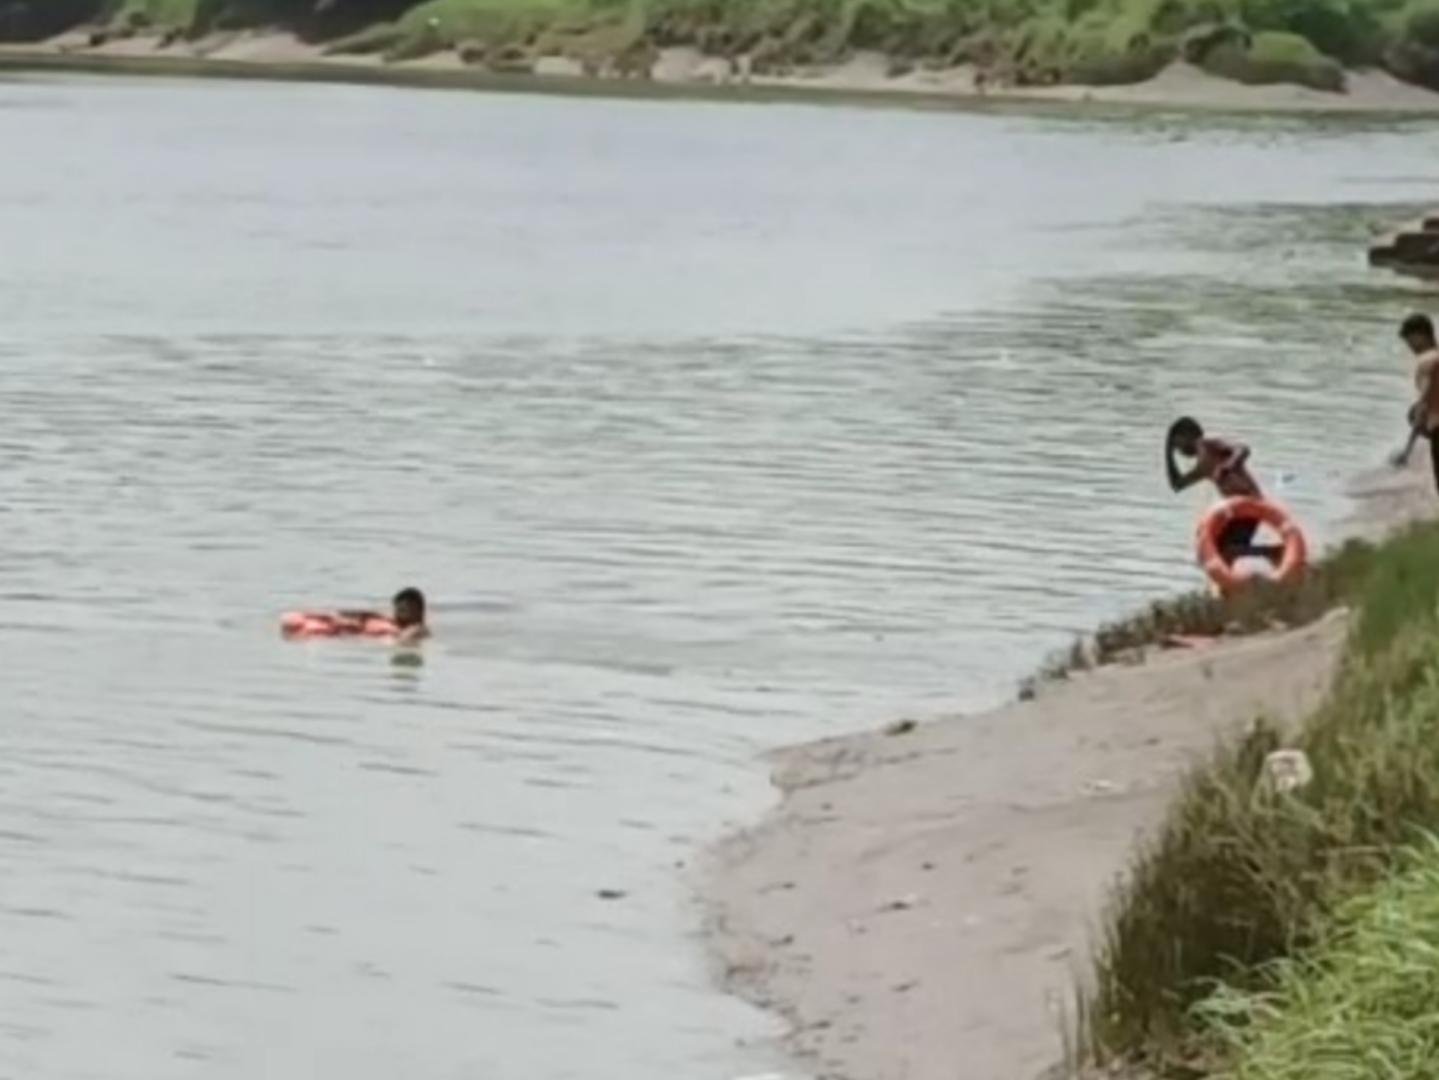 10 કલાક કરતા વધુ સમયથી પૂર્ણા નદીમાં શોધખોળ યથાવત